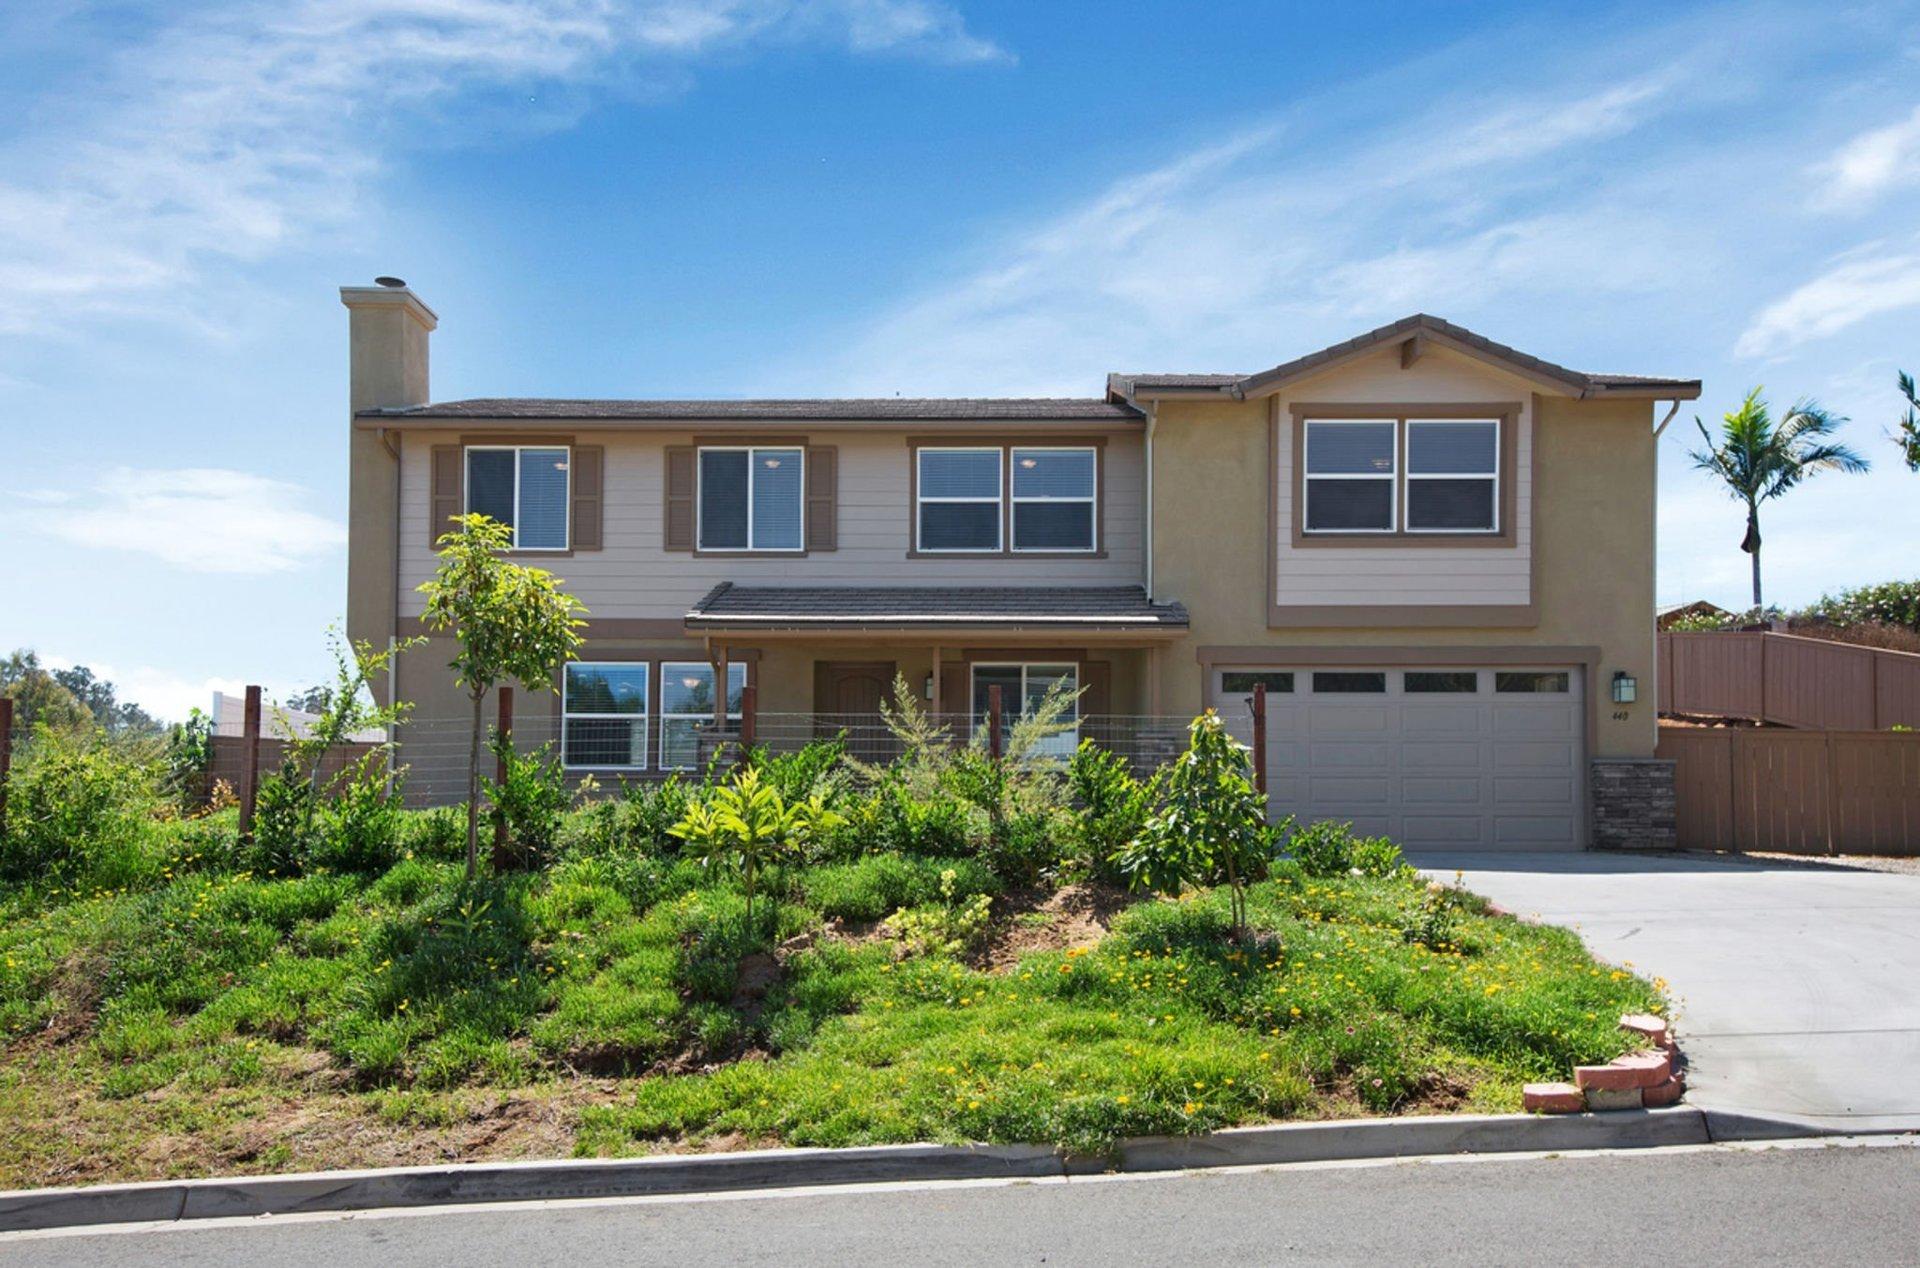 home for sale vista ca